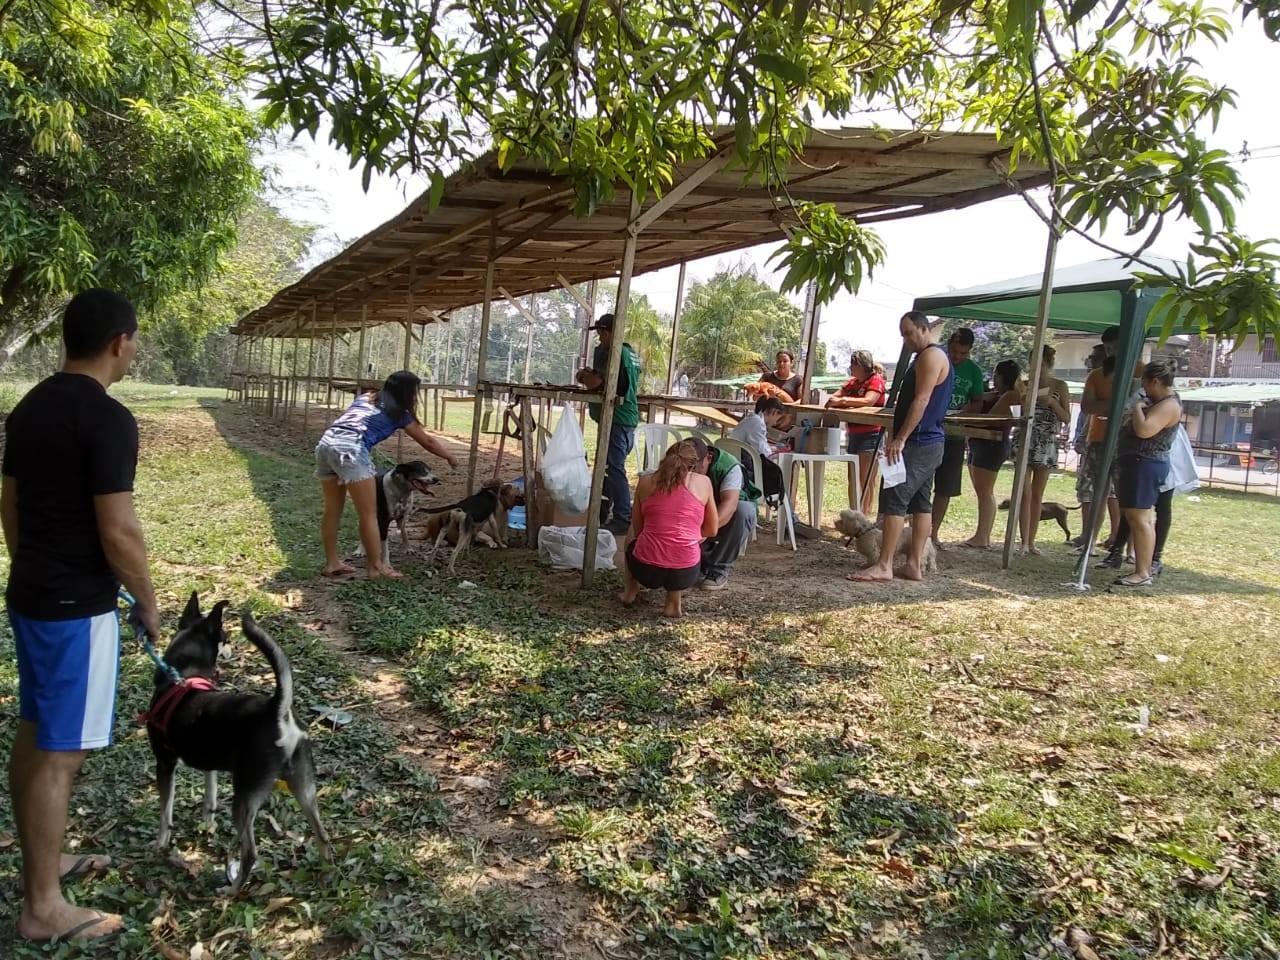 Mais de 200 animais são vacinados contra raiva em mais uma ação em Rio Branco - Notícias - Plantão Diário